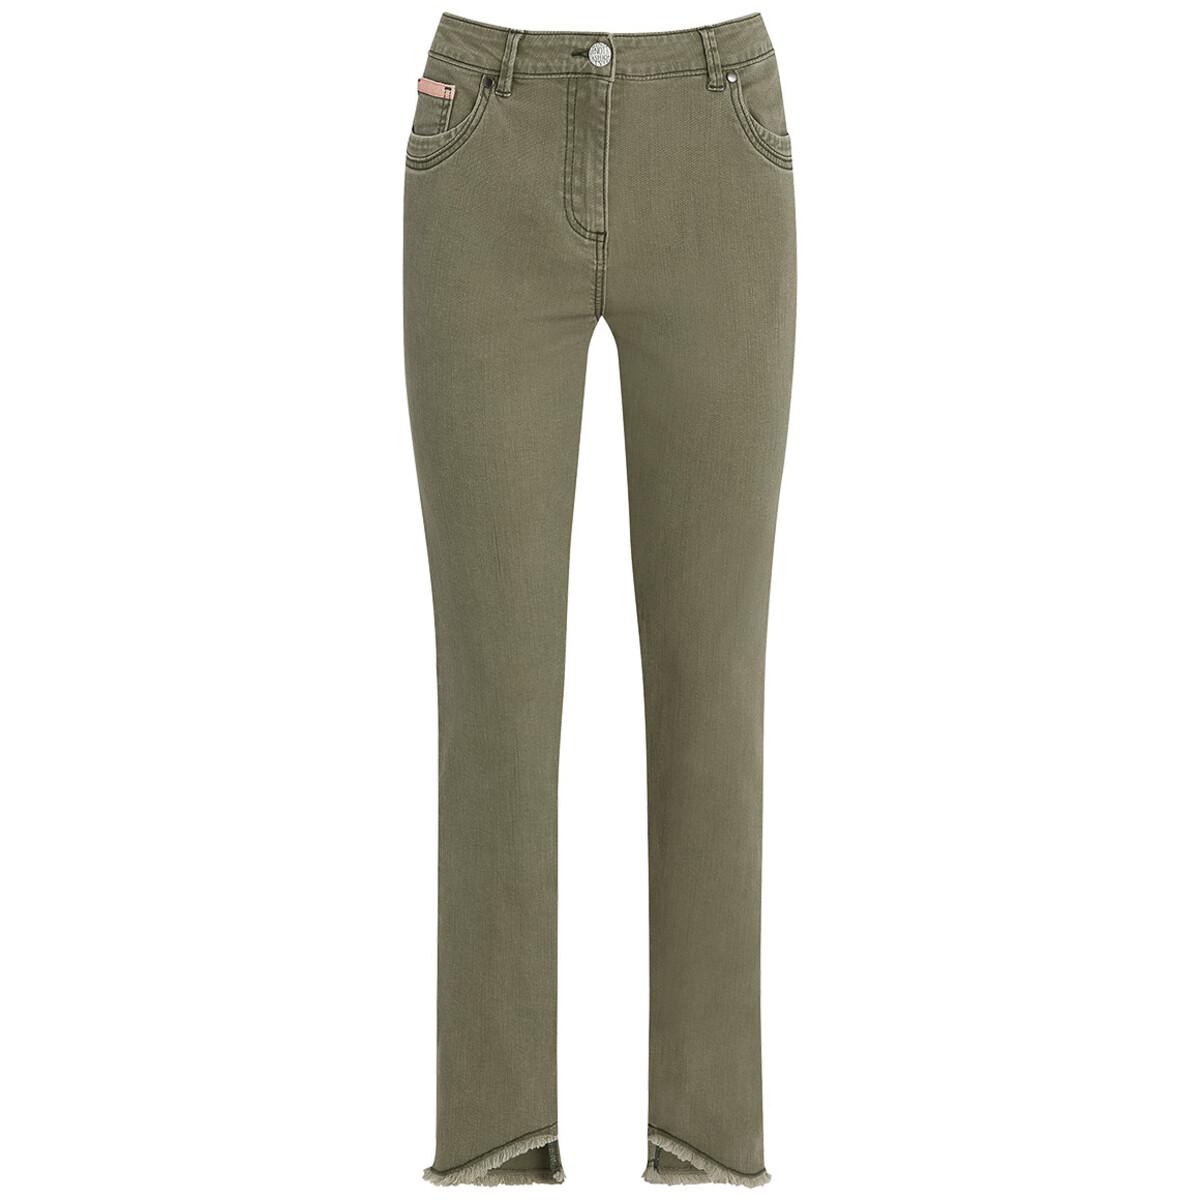 Bild 1 von Damen Slim-Jeans mit fransigem Beinabschluss